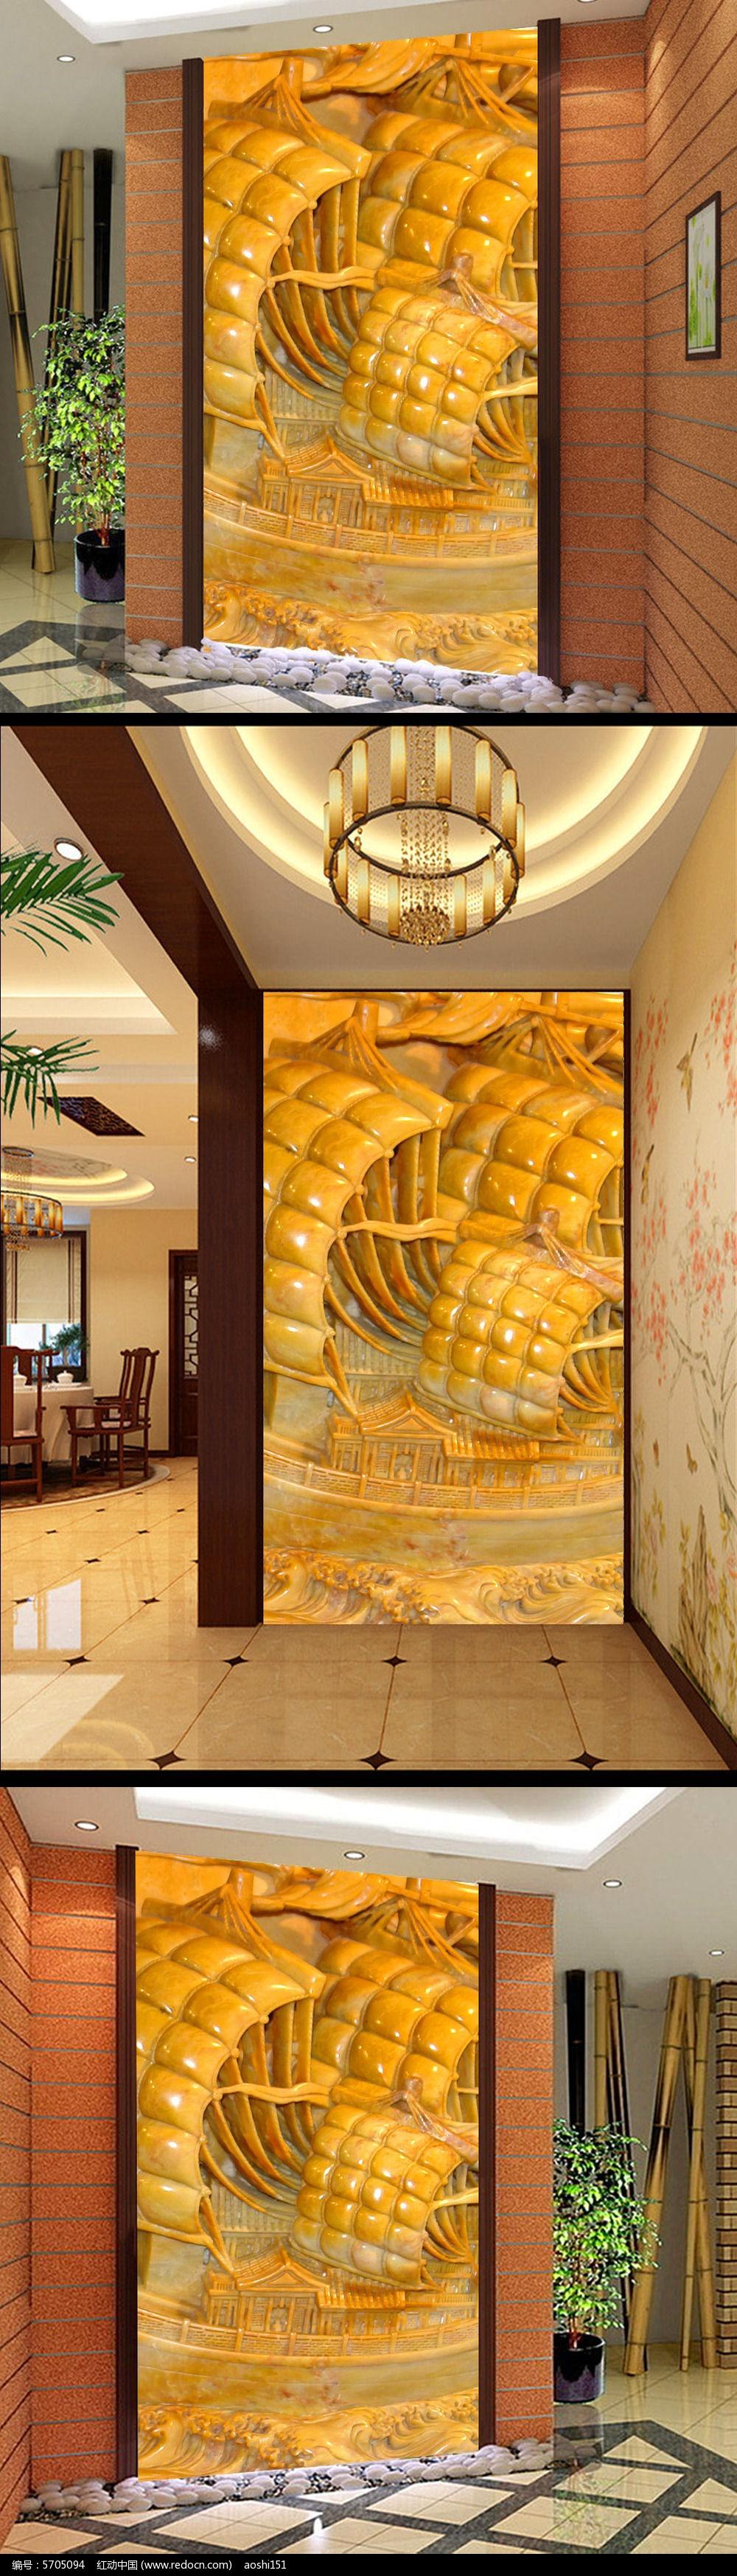 一帆风顺玉石浮雕木雕玄关过道背景墙